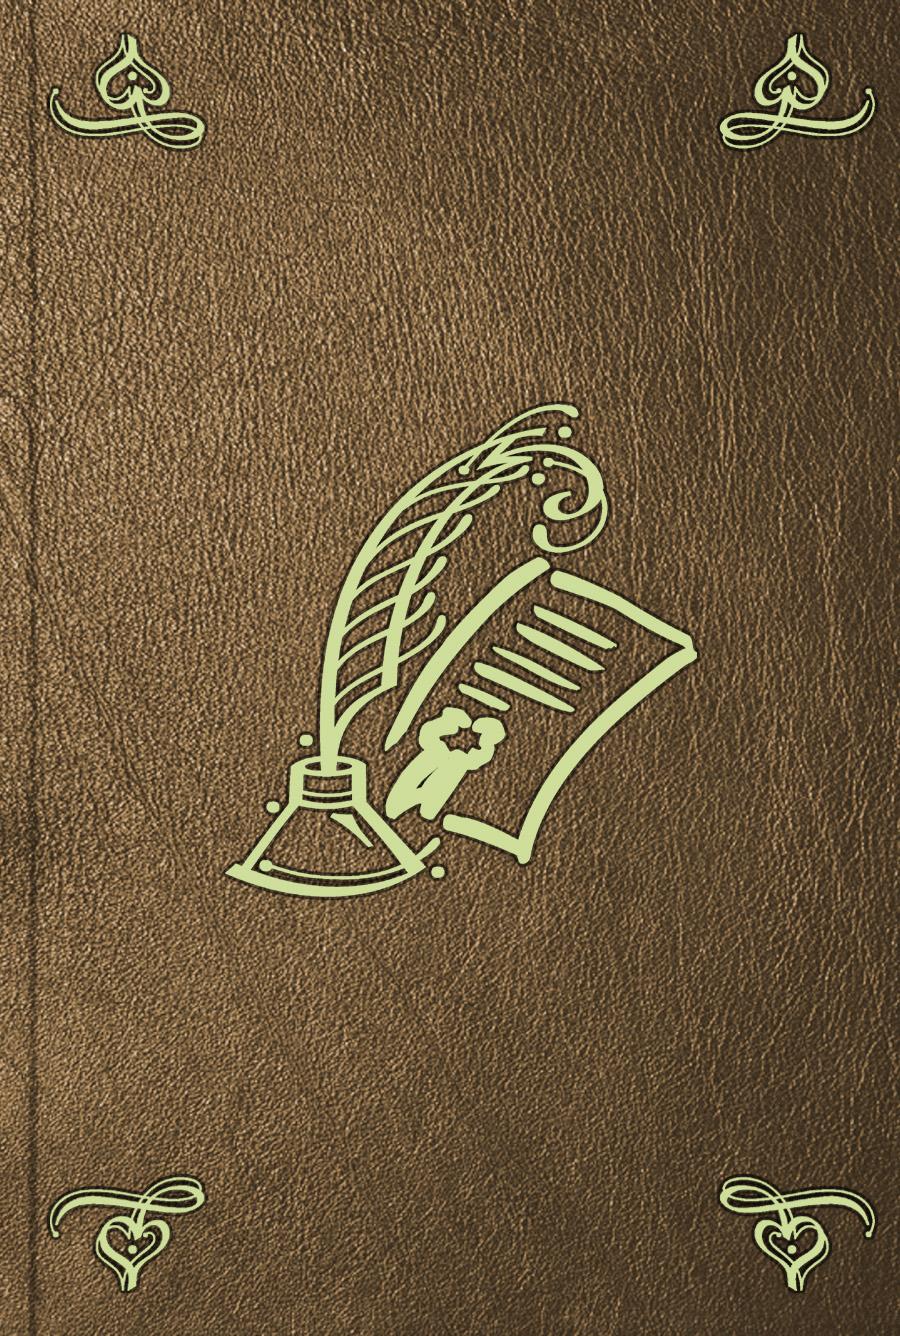 Онисим Михайлович Радишевский Устав ратных, пушечных и других дел. Ч. 2 онисим михайлович радишевский устав ратных пушечных и других дел касающихся до воинской науки том 1